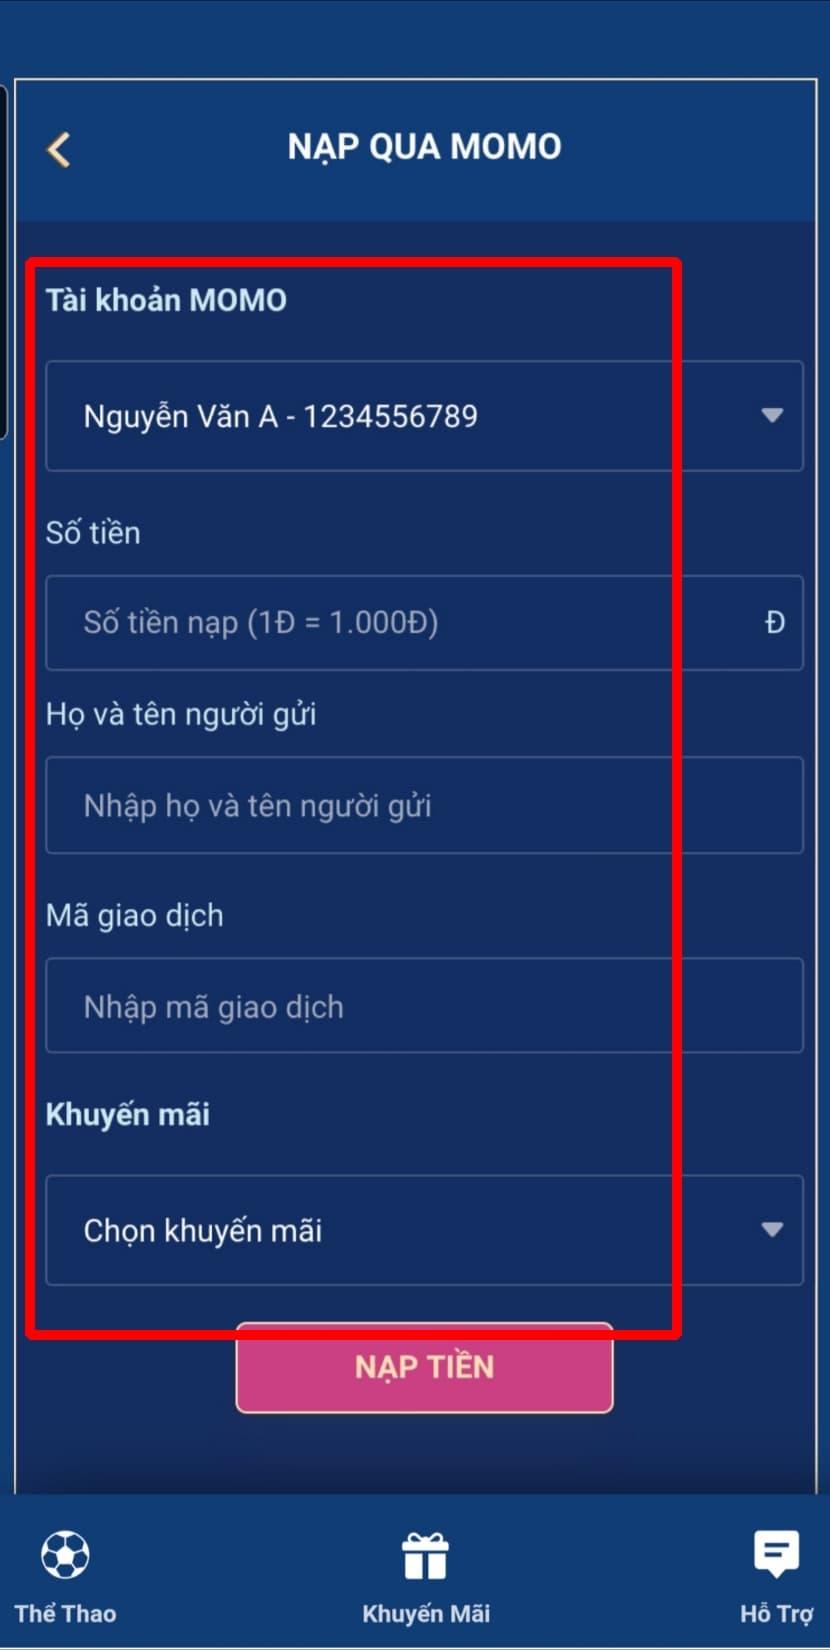 Điền đầy đủ thông tin tin để nạp tiền qua Momo